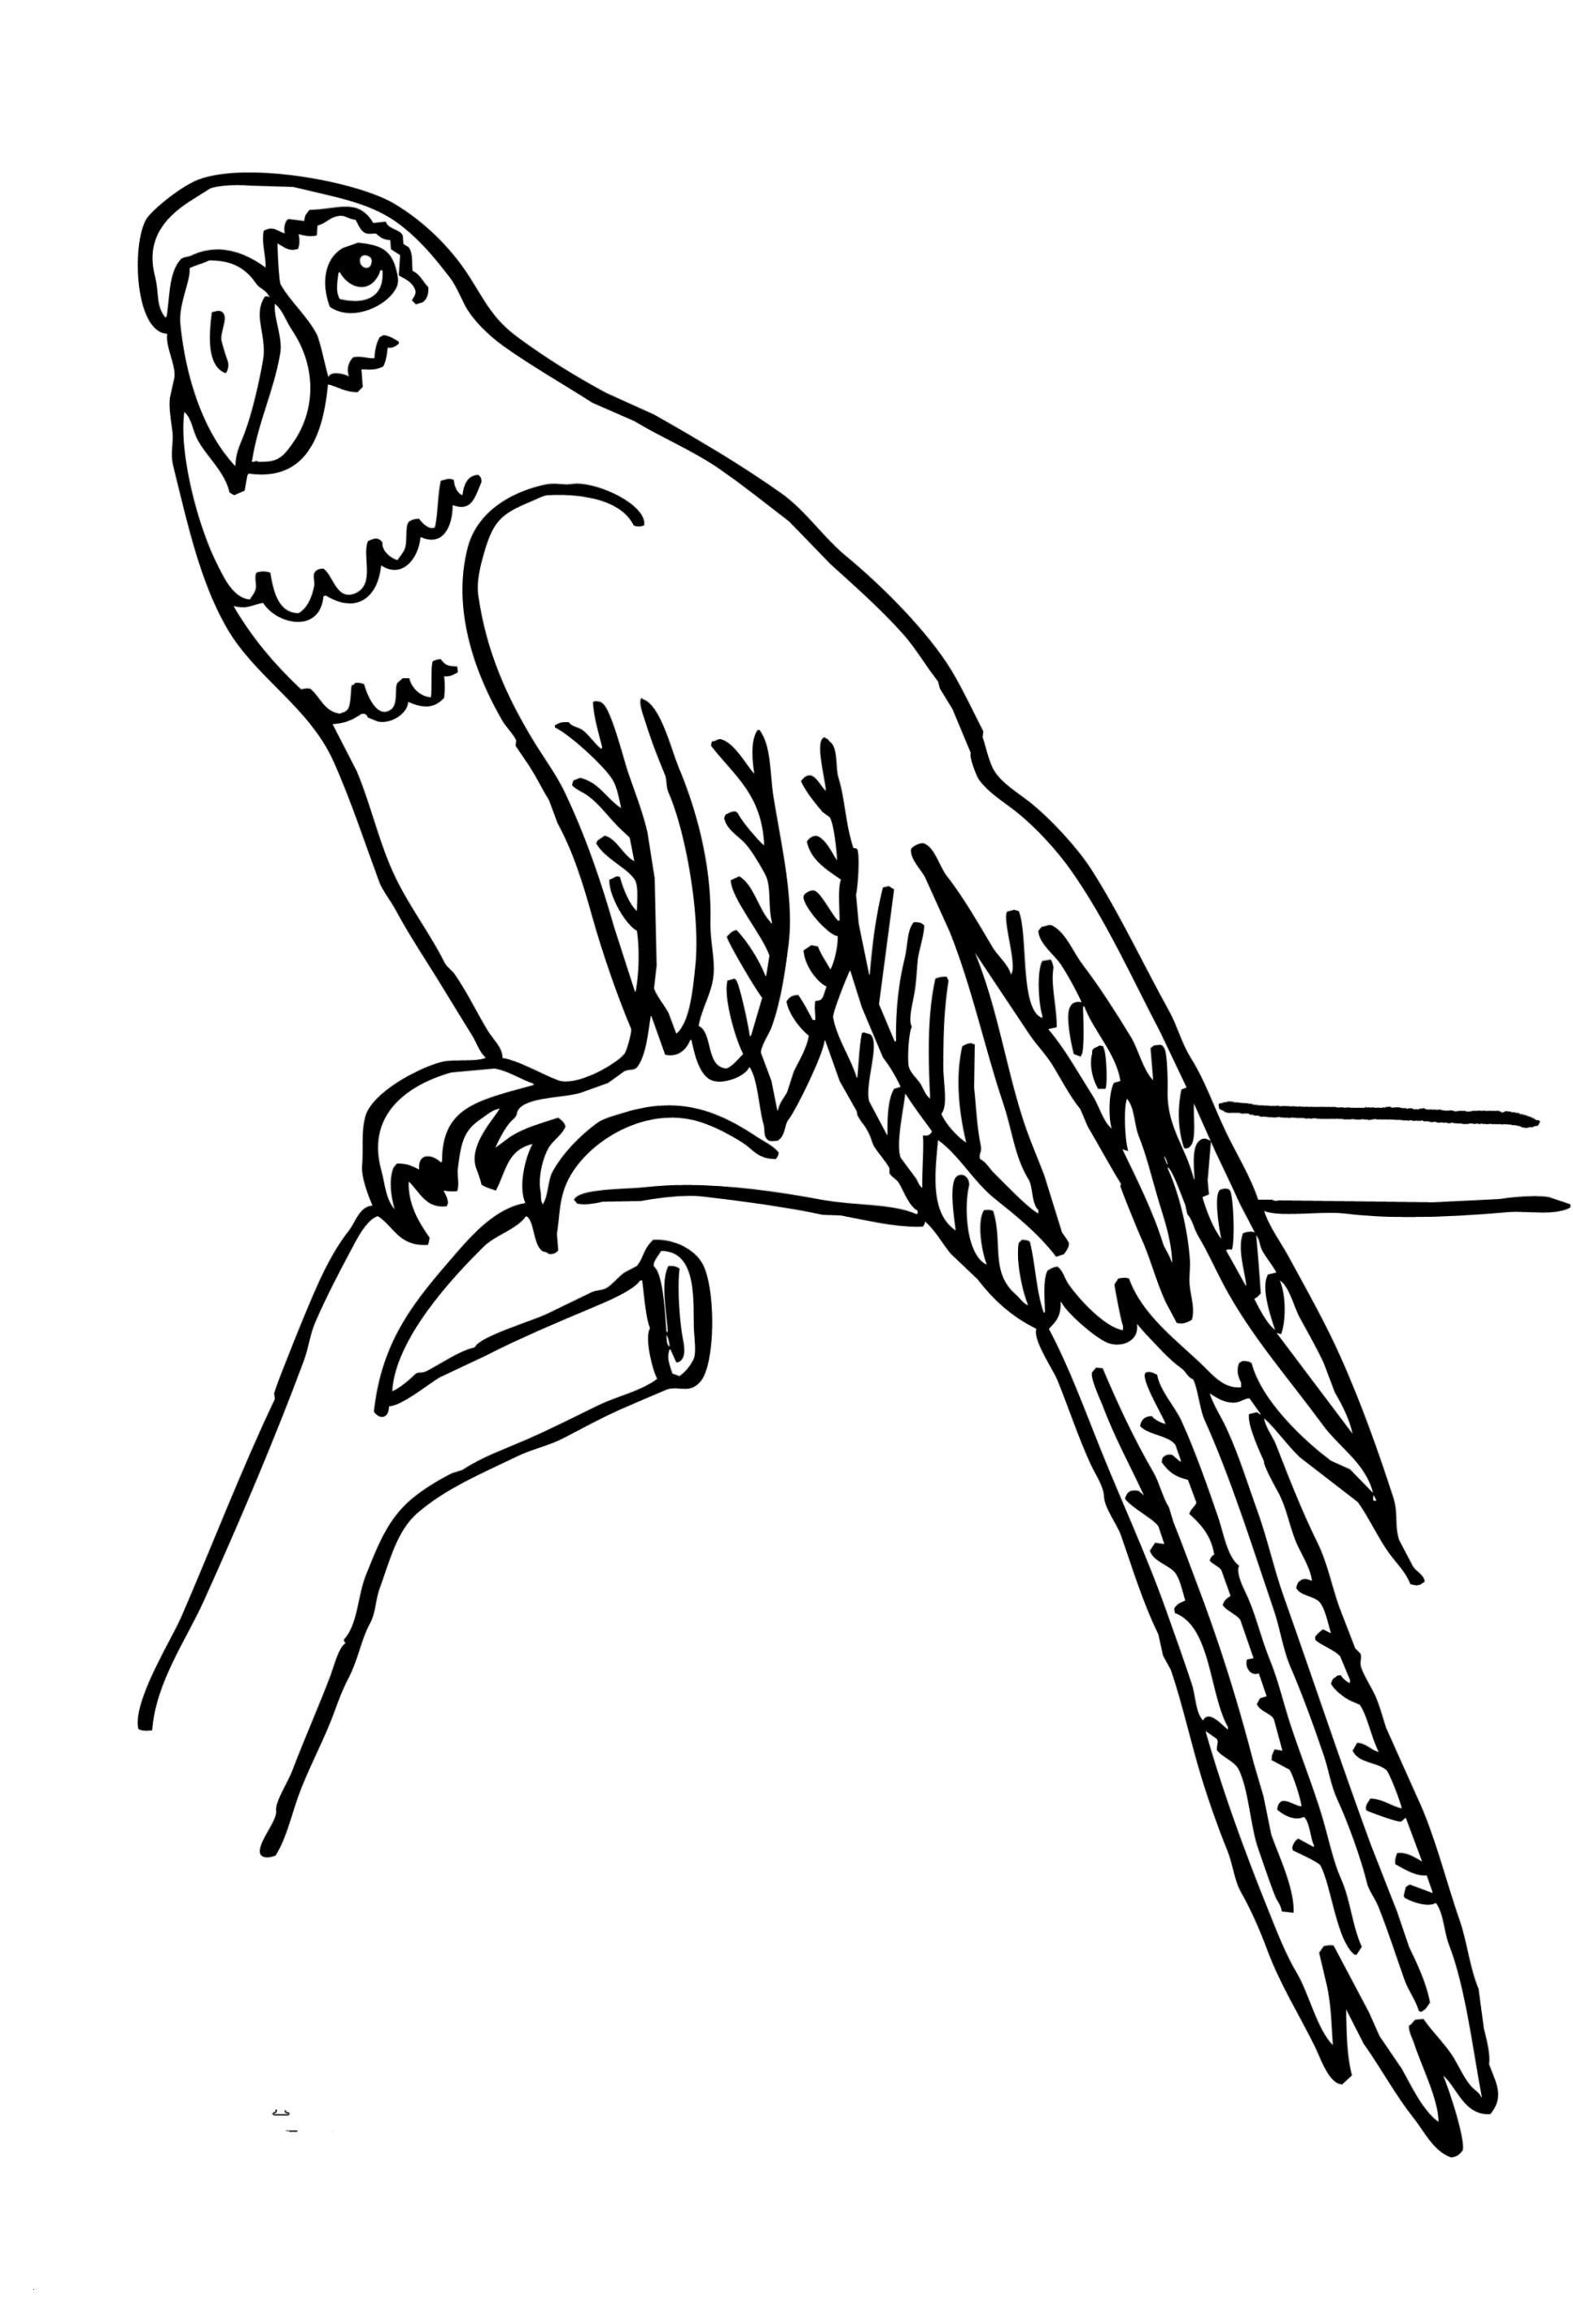 Papagei Zum Ausmalen Frisch 40 Ausmalbilder Papagei Scoredatscore Schön Ausmalbilder Fliegender Galerie